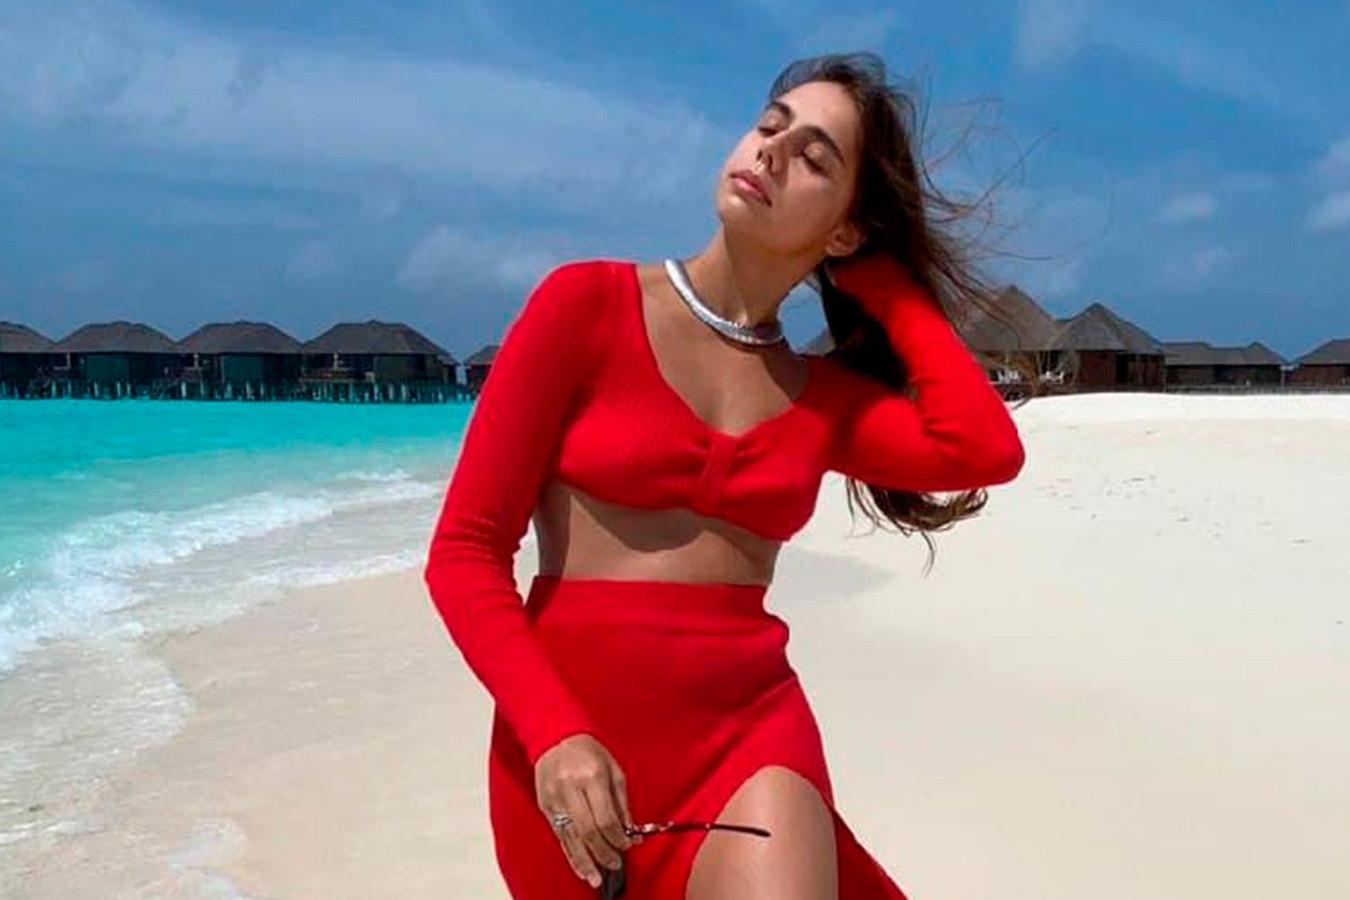 «Божественно прекрасна!» Пользователи оценили новое фото Мамун с отдыха на Мальдивах